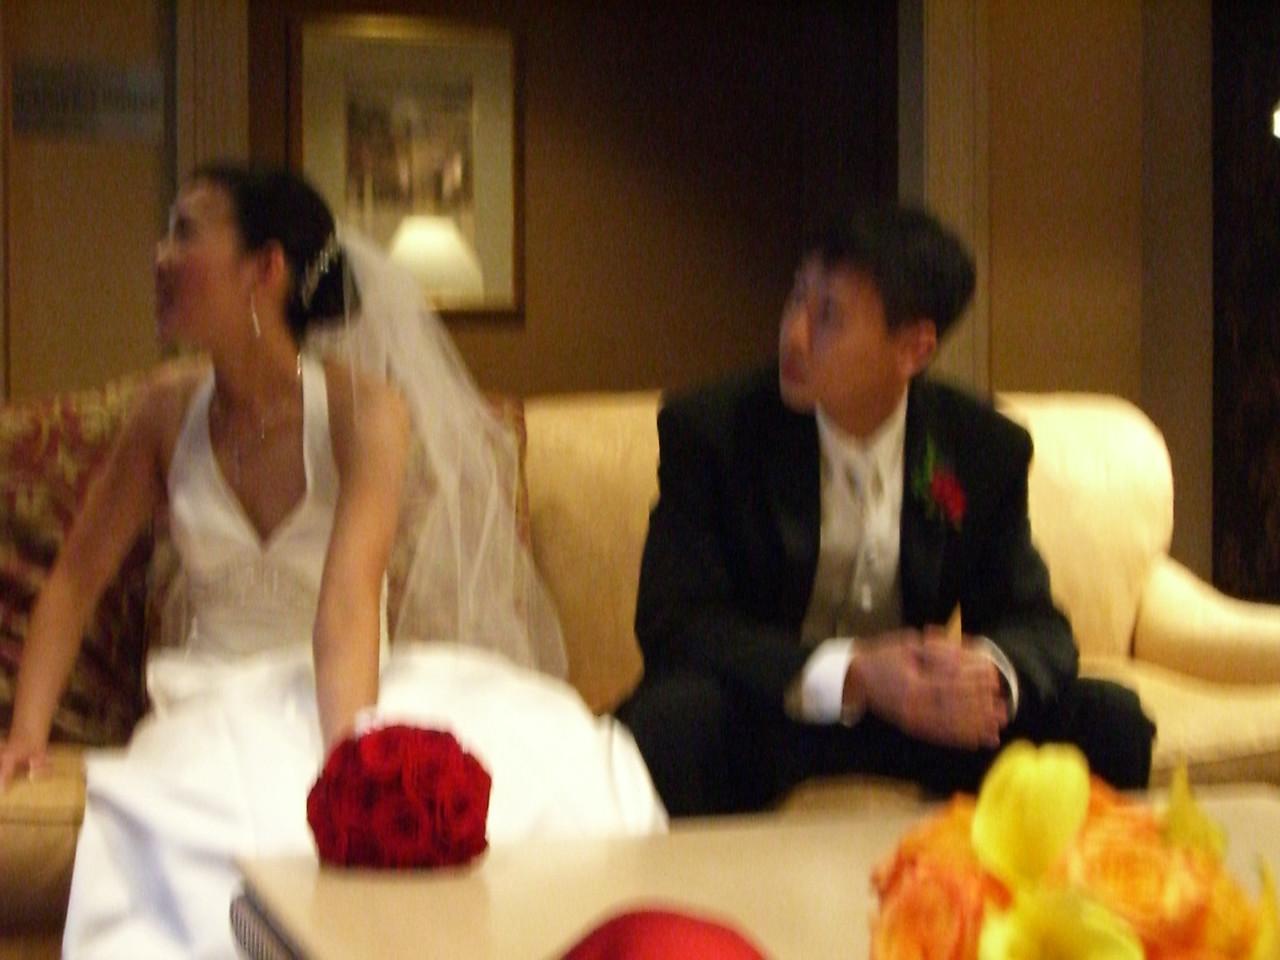 Bride & Groom - blurry